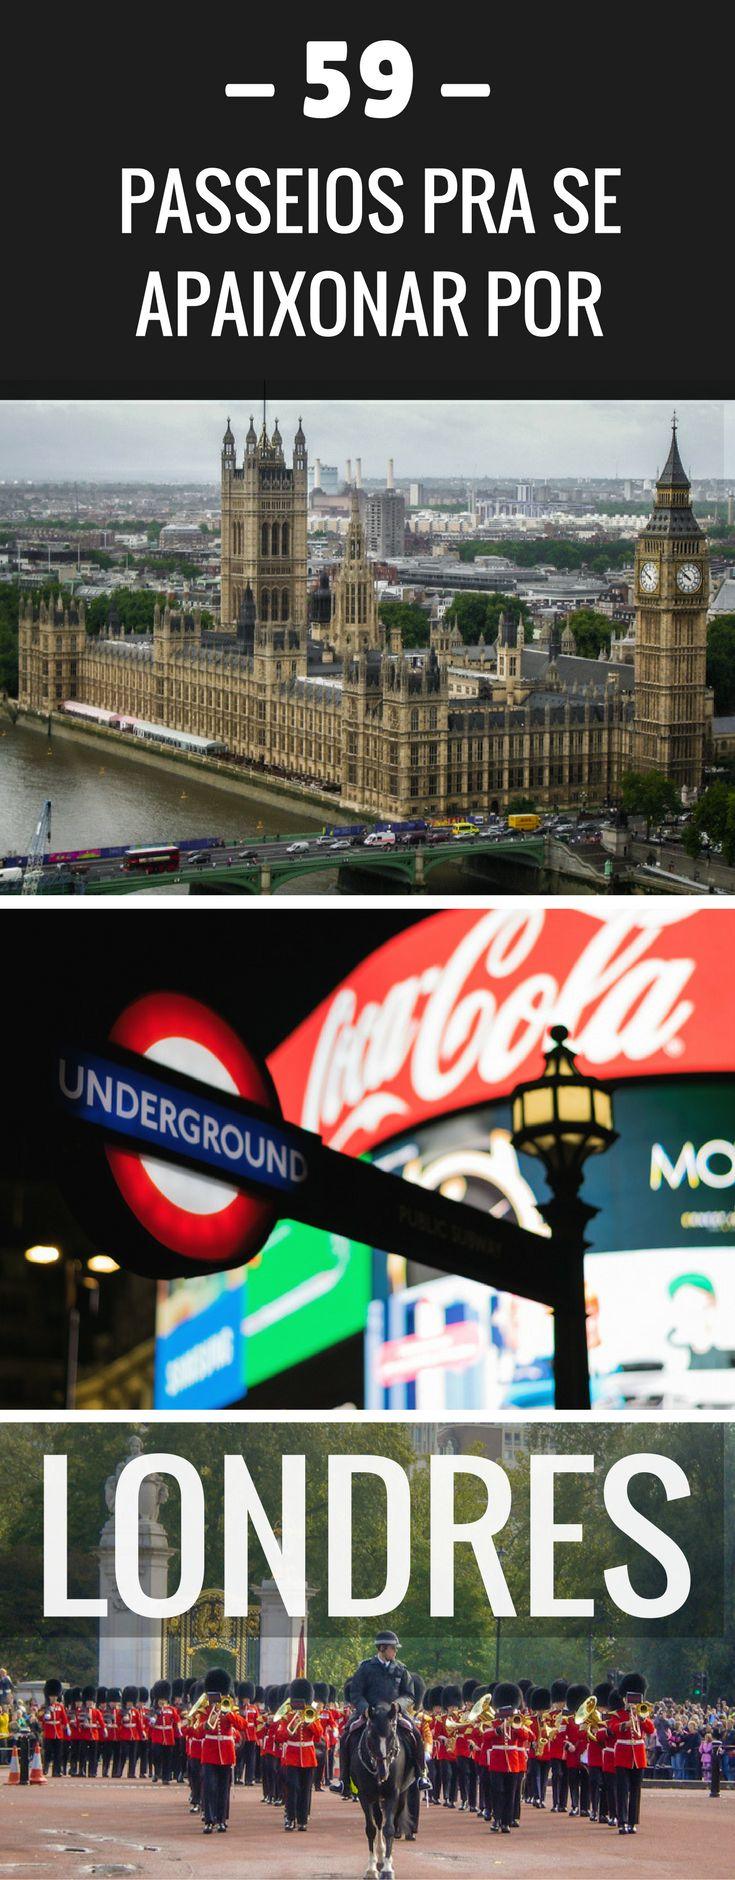 Vai viajar pra Londres? Não perca essa seleção de passeios incríveis - muitos gratuitos! -  pra fazer por lá!